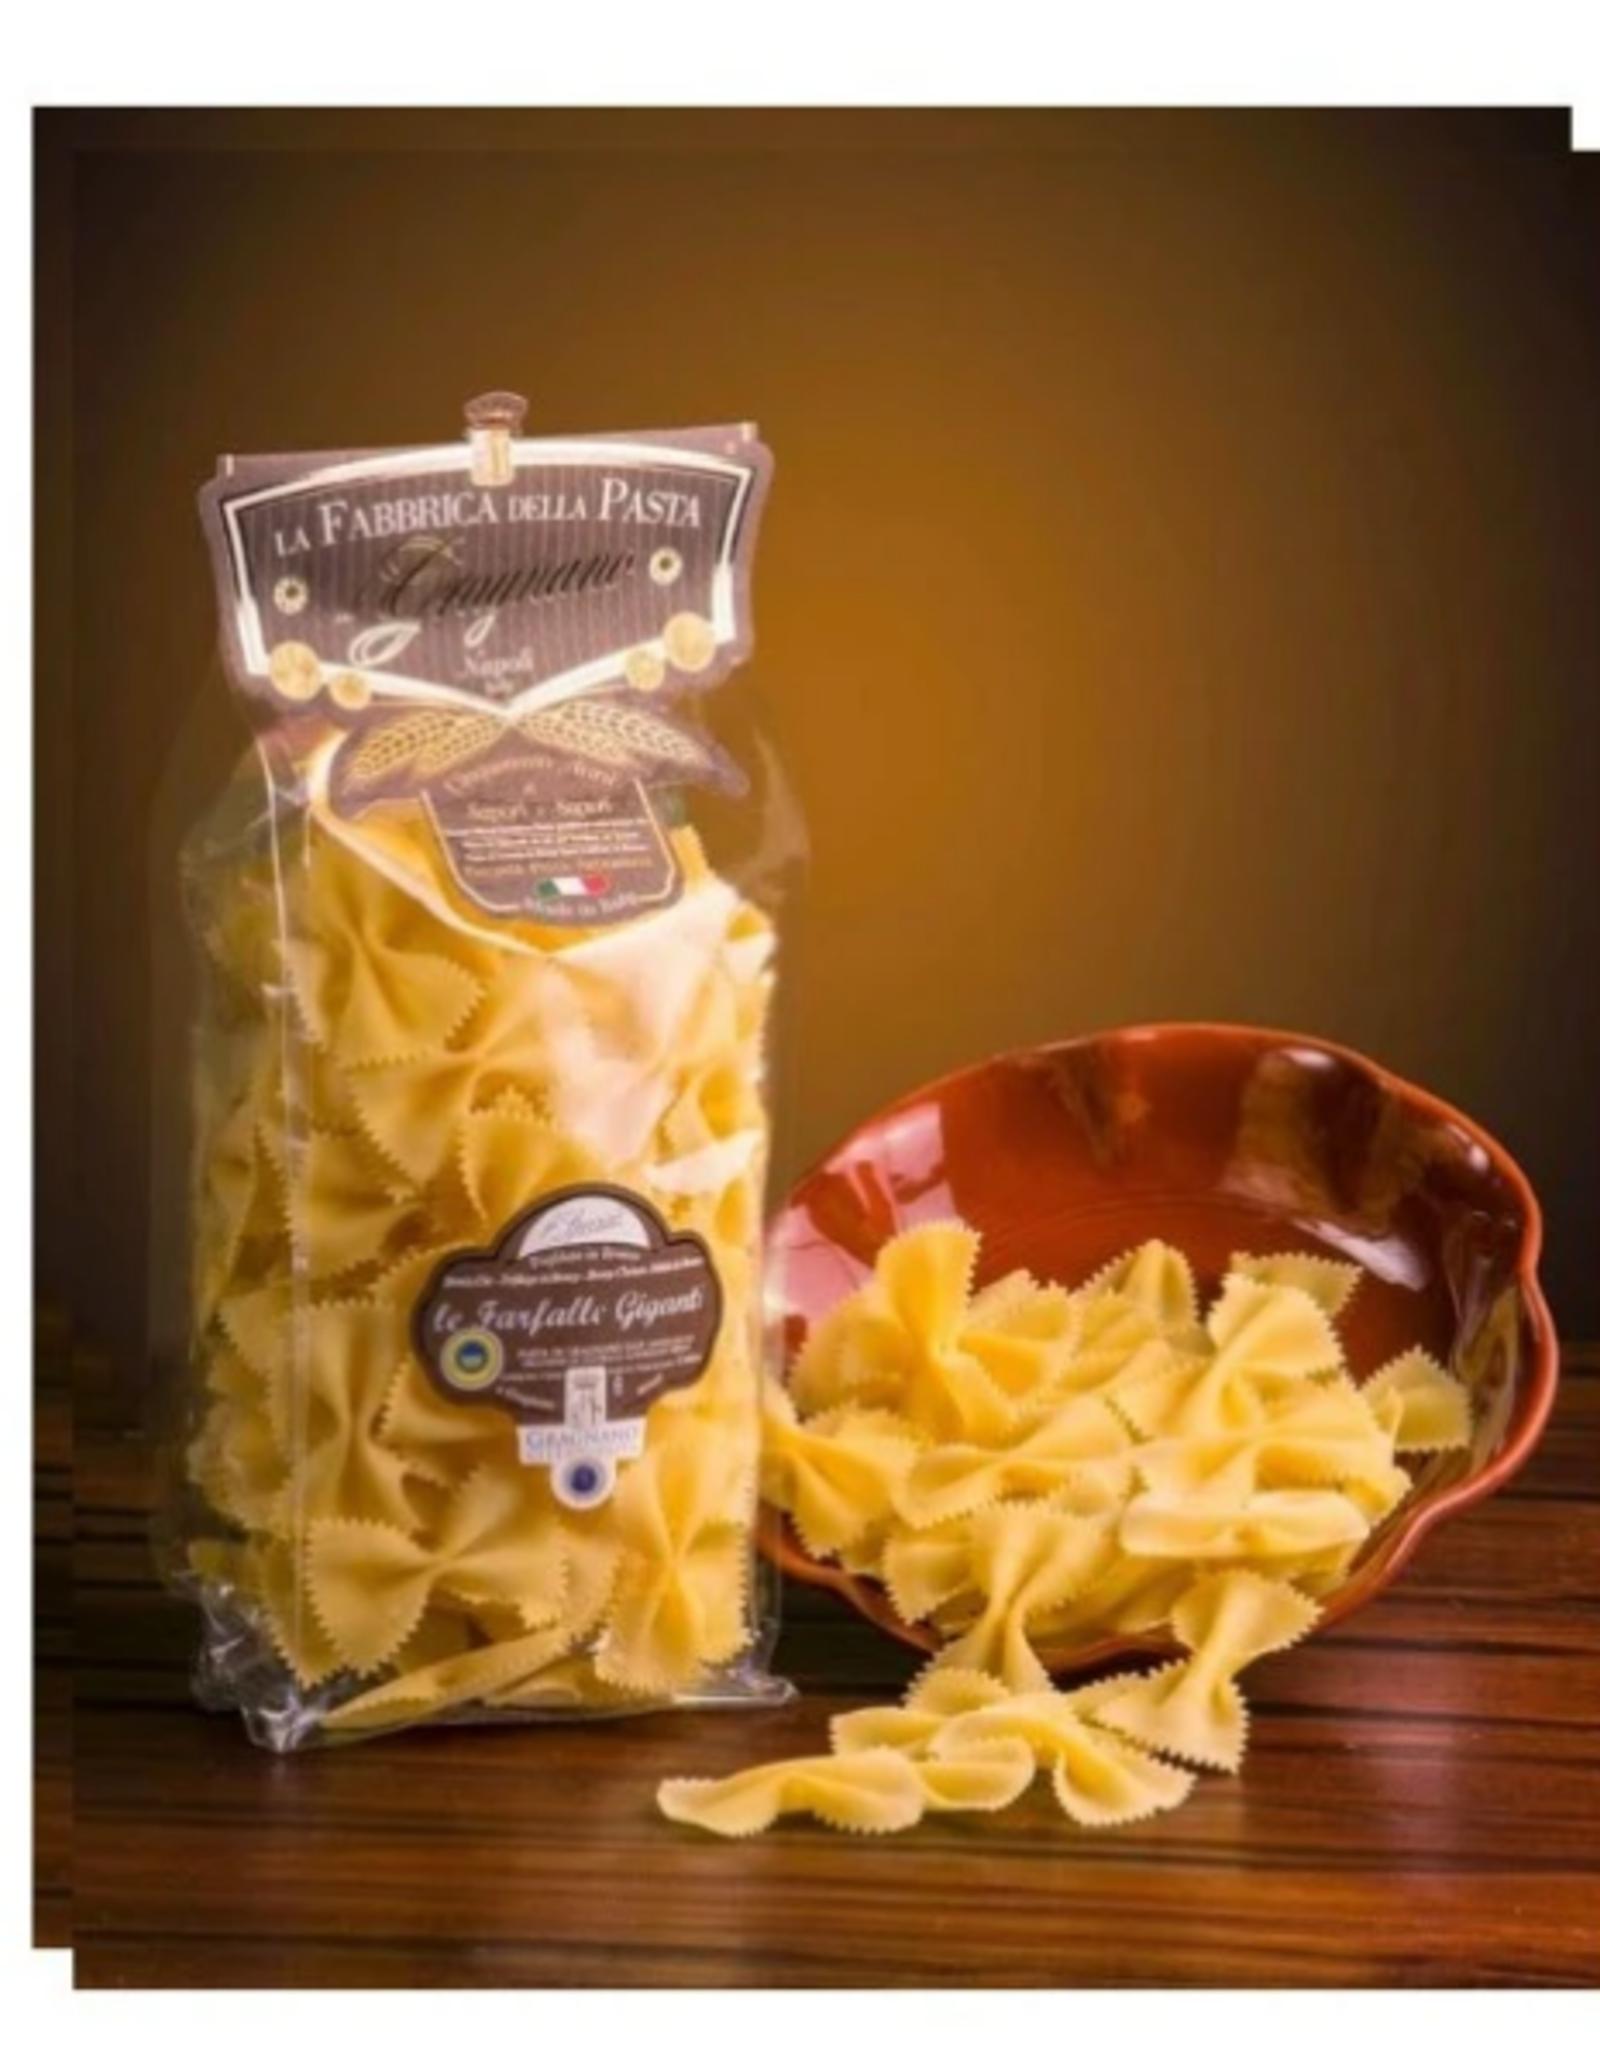 Zia Pia Imports + Italian Kitchen Farfalle Giganti IGP Pasta